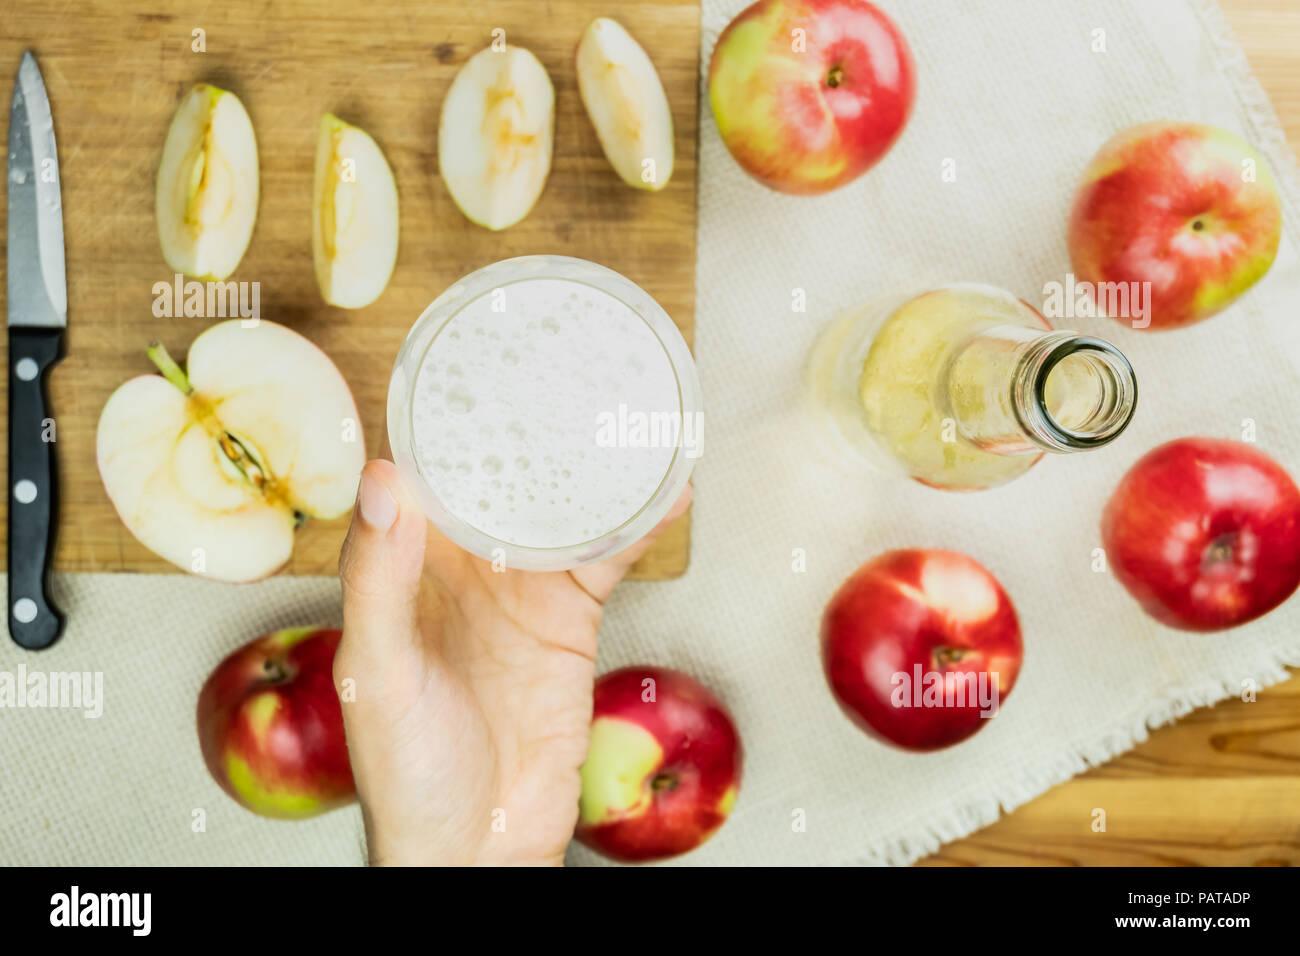 Sentar planas con un vaso de sidra espumante bebida sobre mesa de madera rústica. Punto de vista de mano sosteniendo un vaso de sidra casera y orgánicos cultivados localmente Imagen De Stock